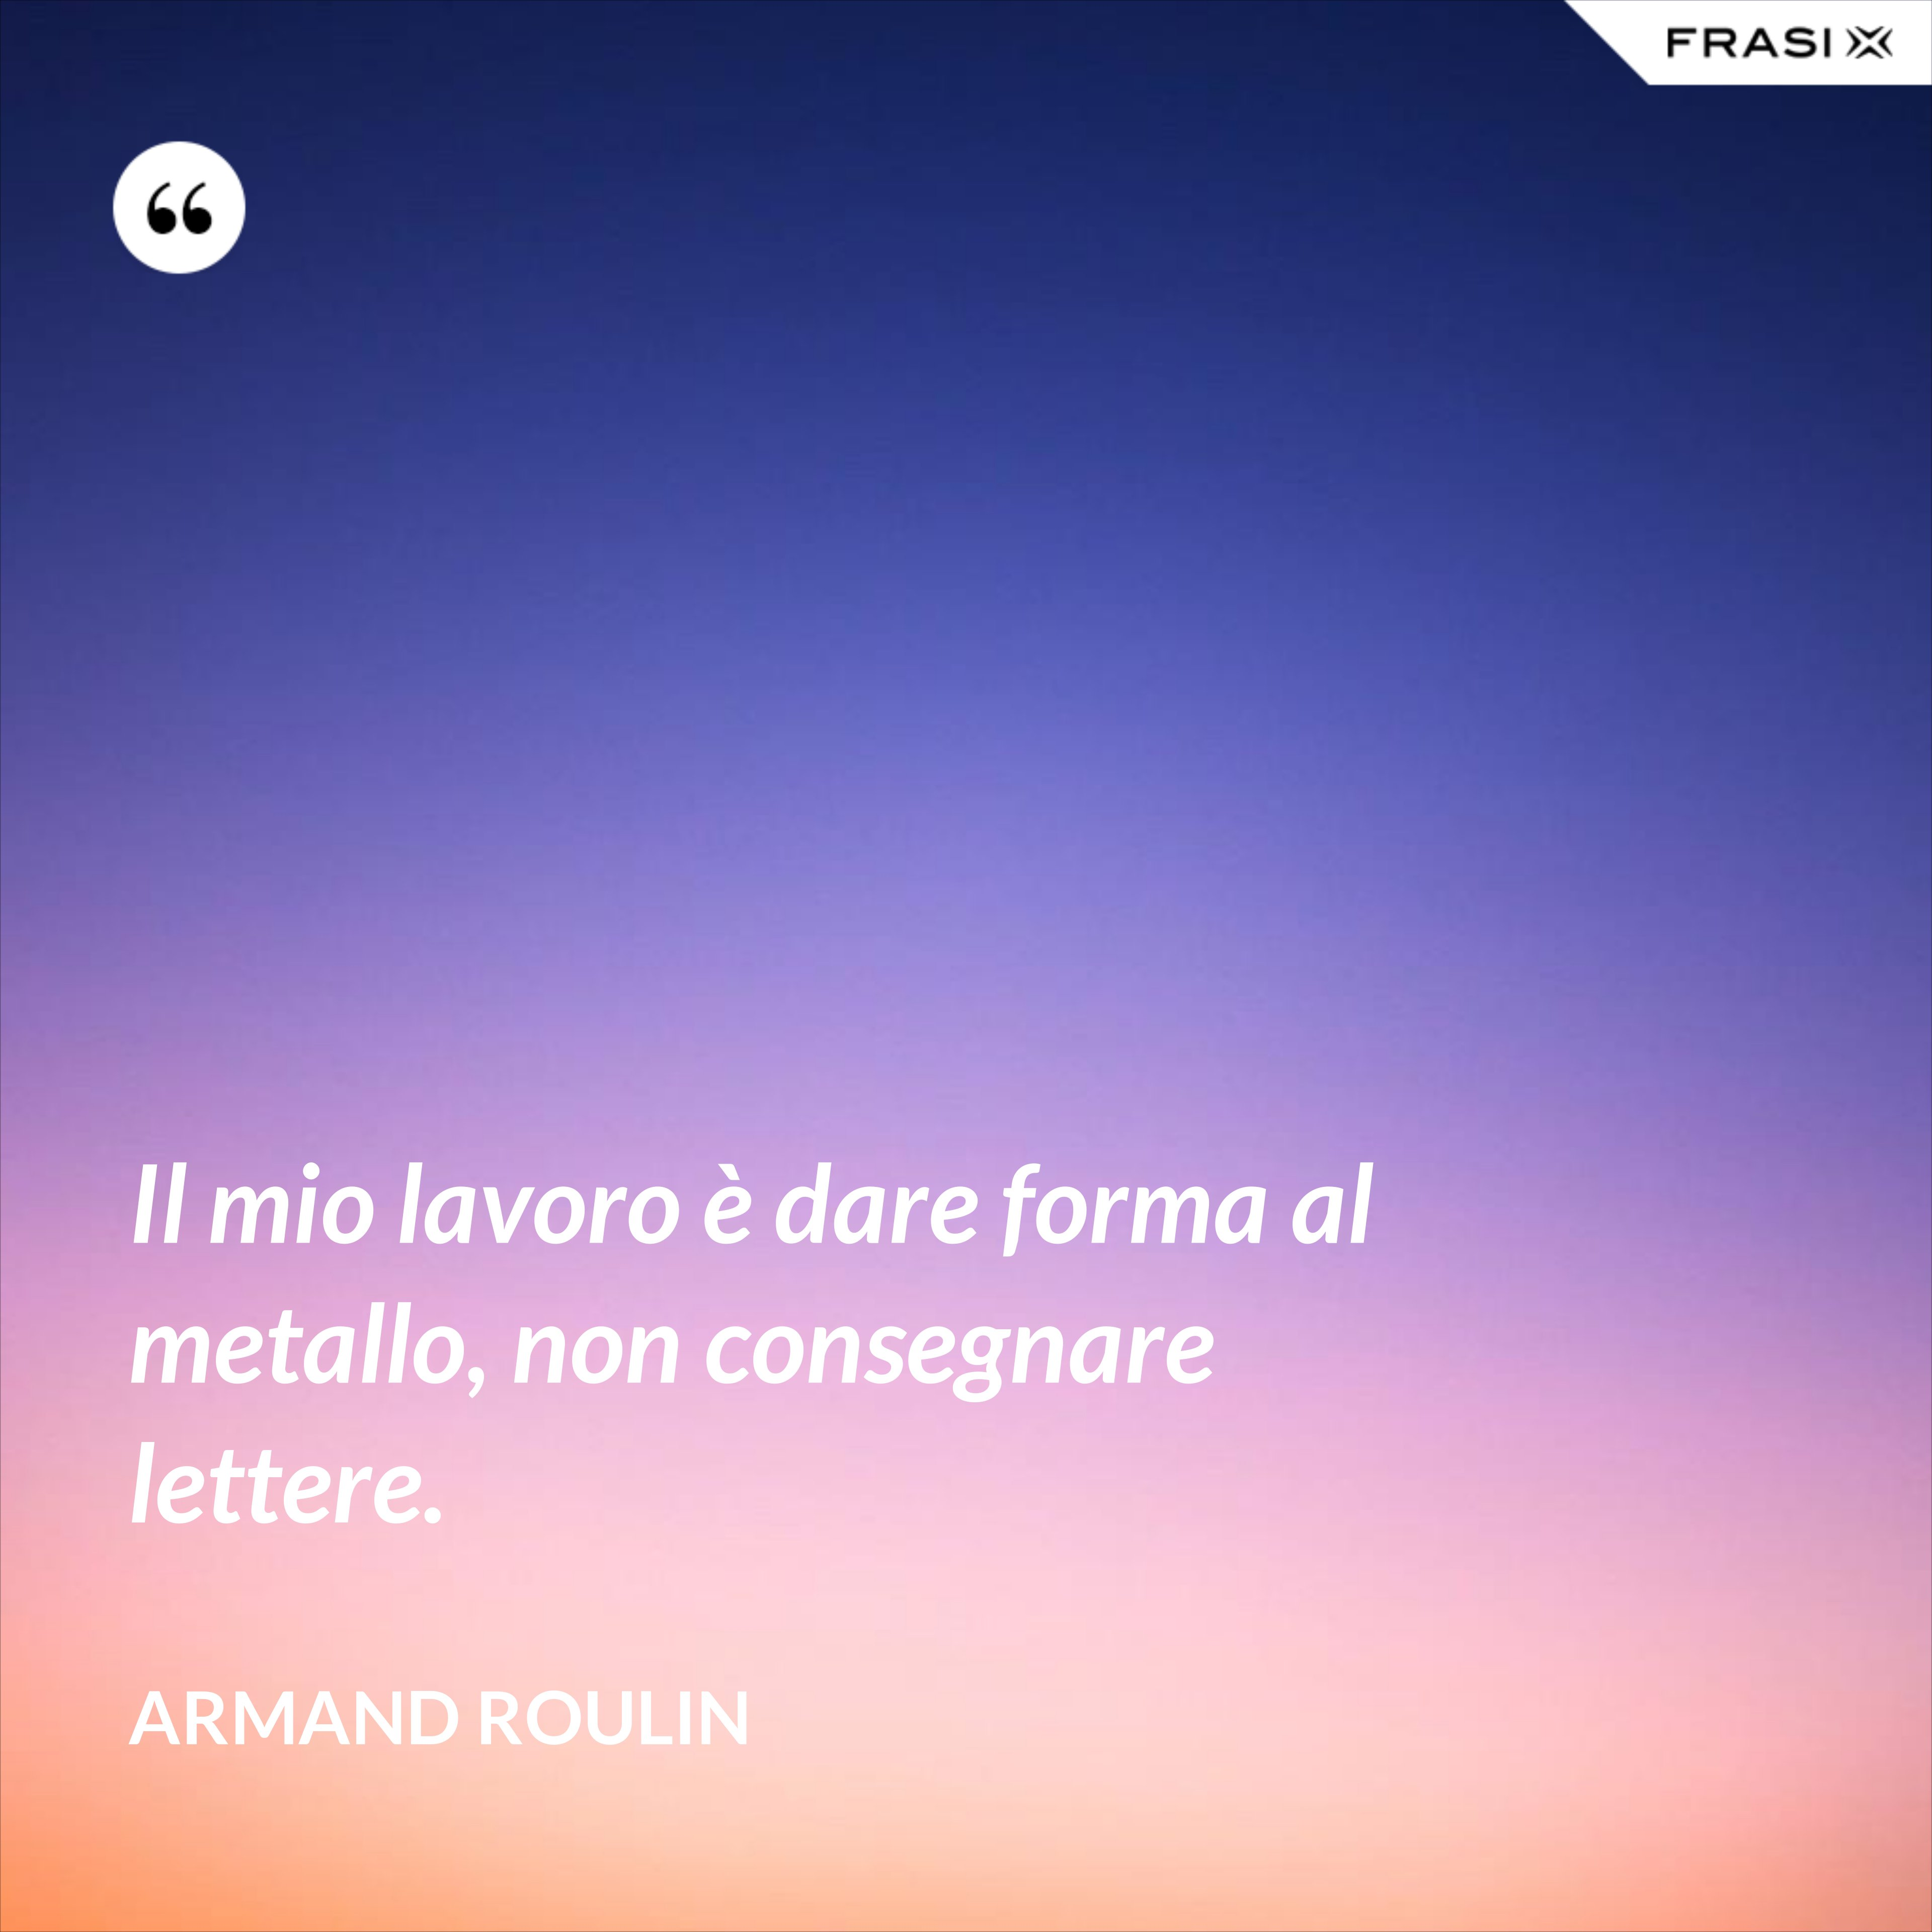 Il mio lavoro è dare forma al metallo, non consegnare lettere. - Armand Roulin